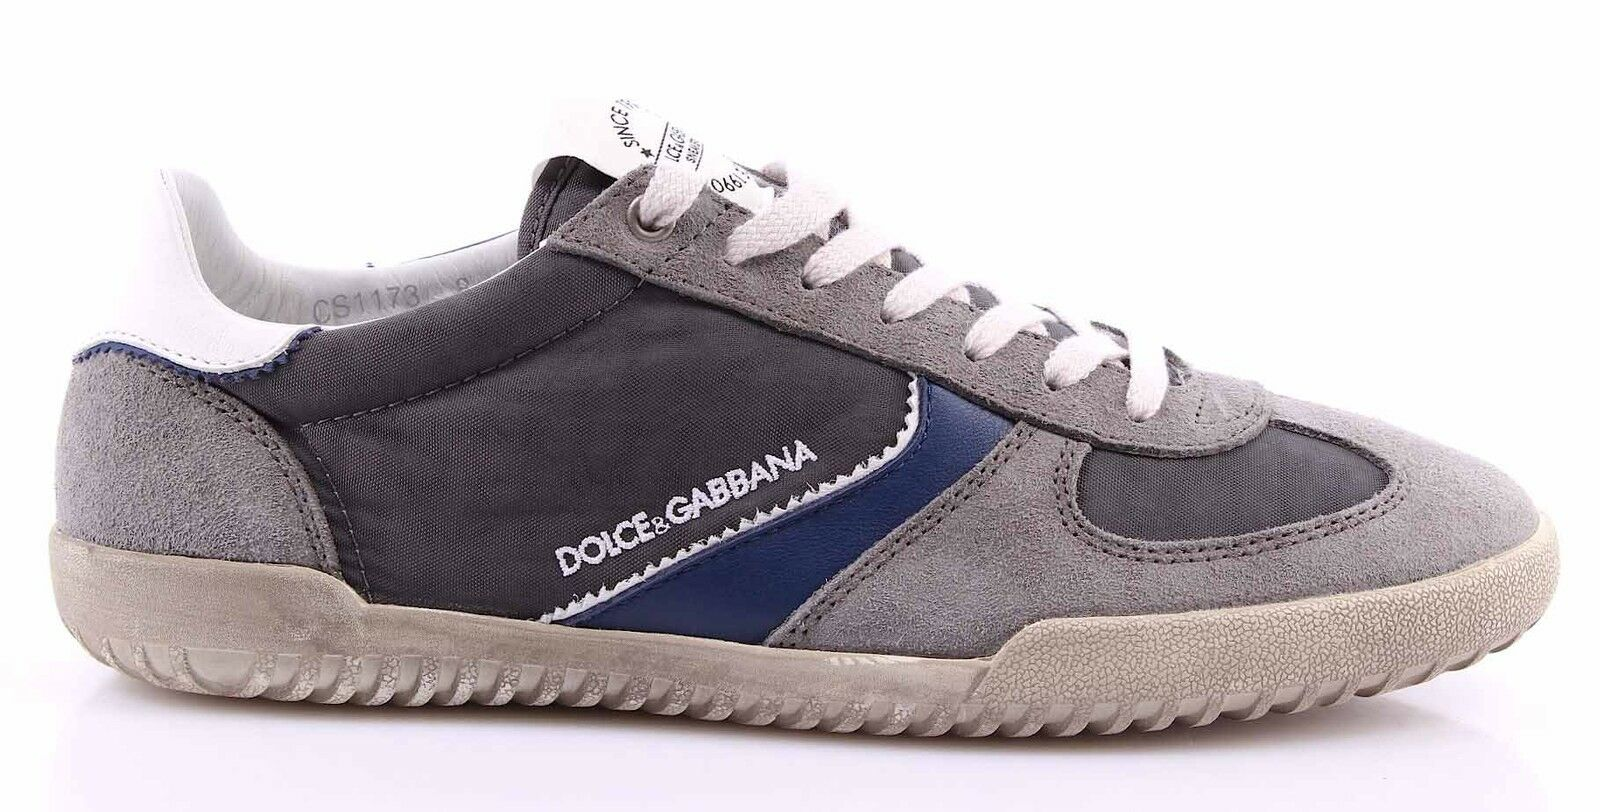 Scarpe Sneakers Camoscio Uomo DOLCE & GABBANA Camoscio Sneakers Tela Grigio Scuro 43dedc